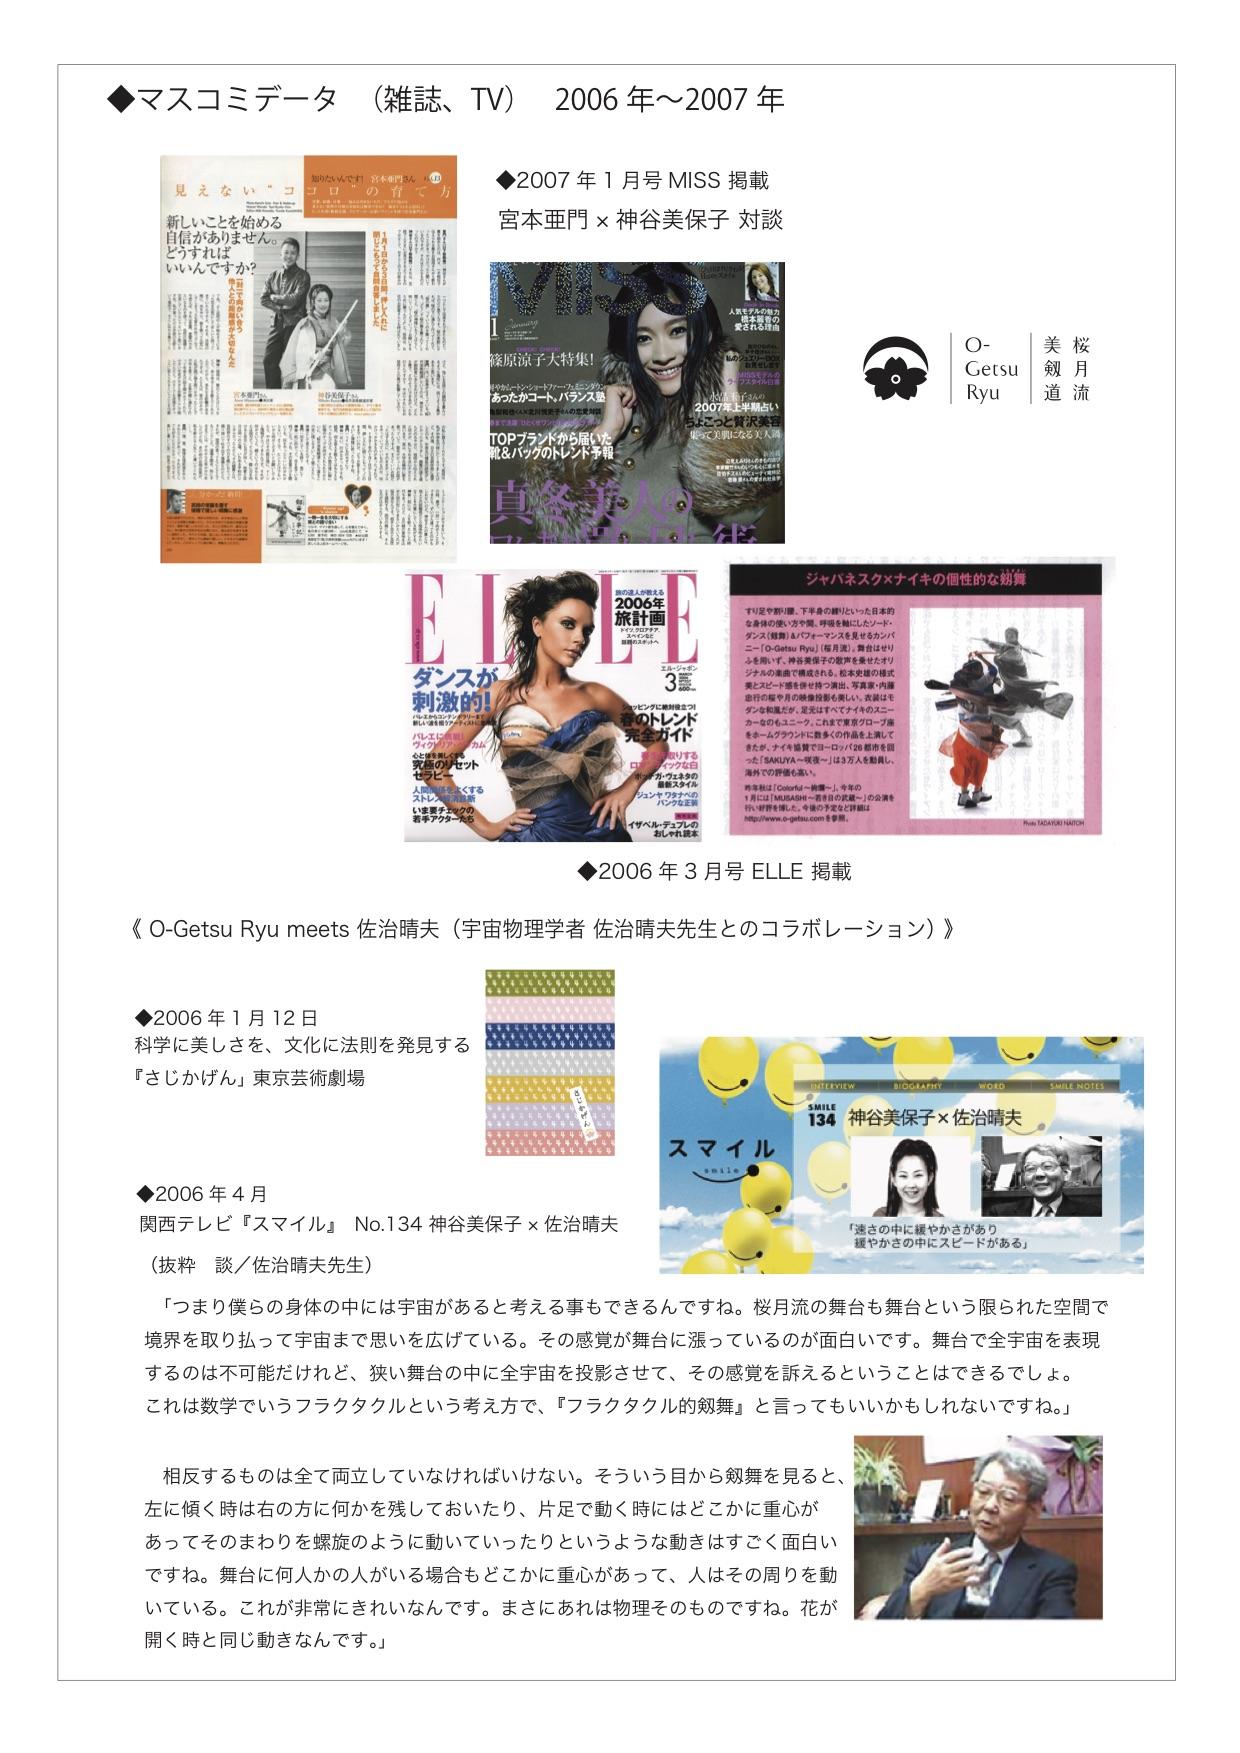 桜月流/O-Getsu Ryu<br>PV/Press 2006 - O-Getsu Ryu | 桜月流美劔道